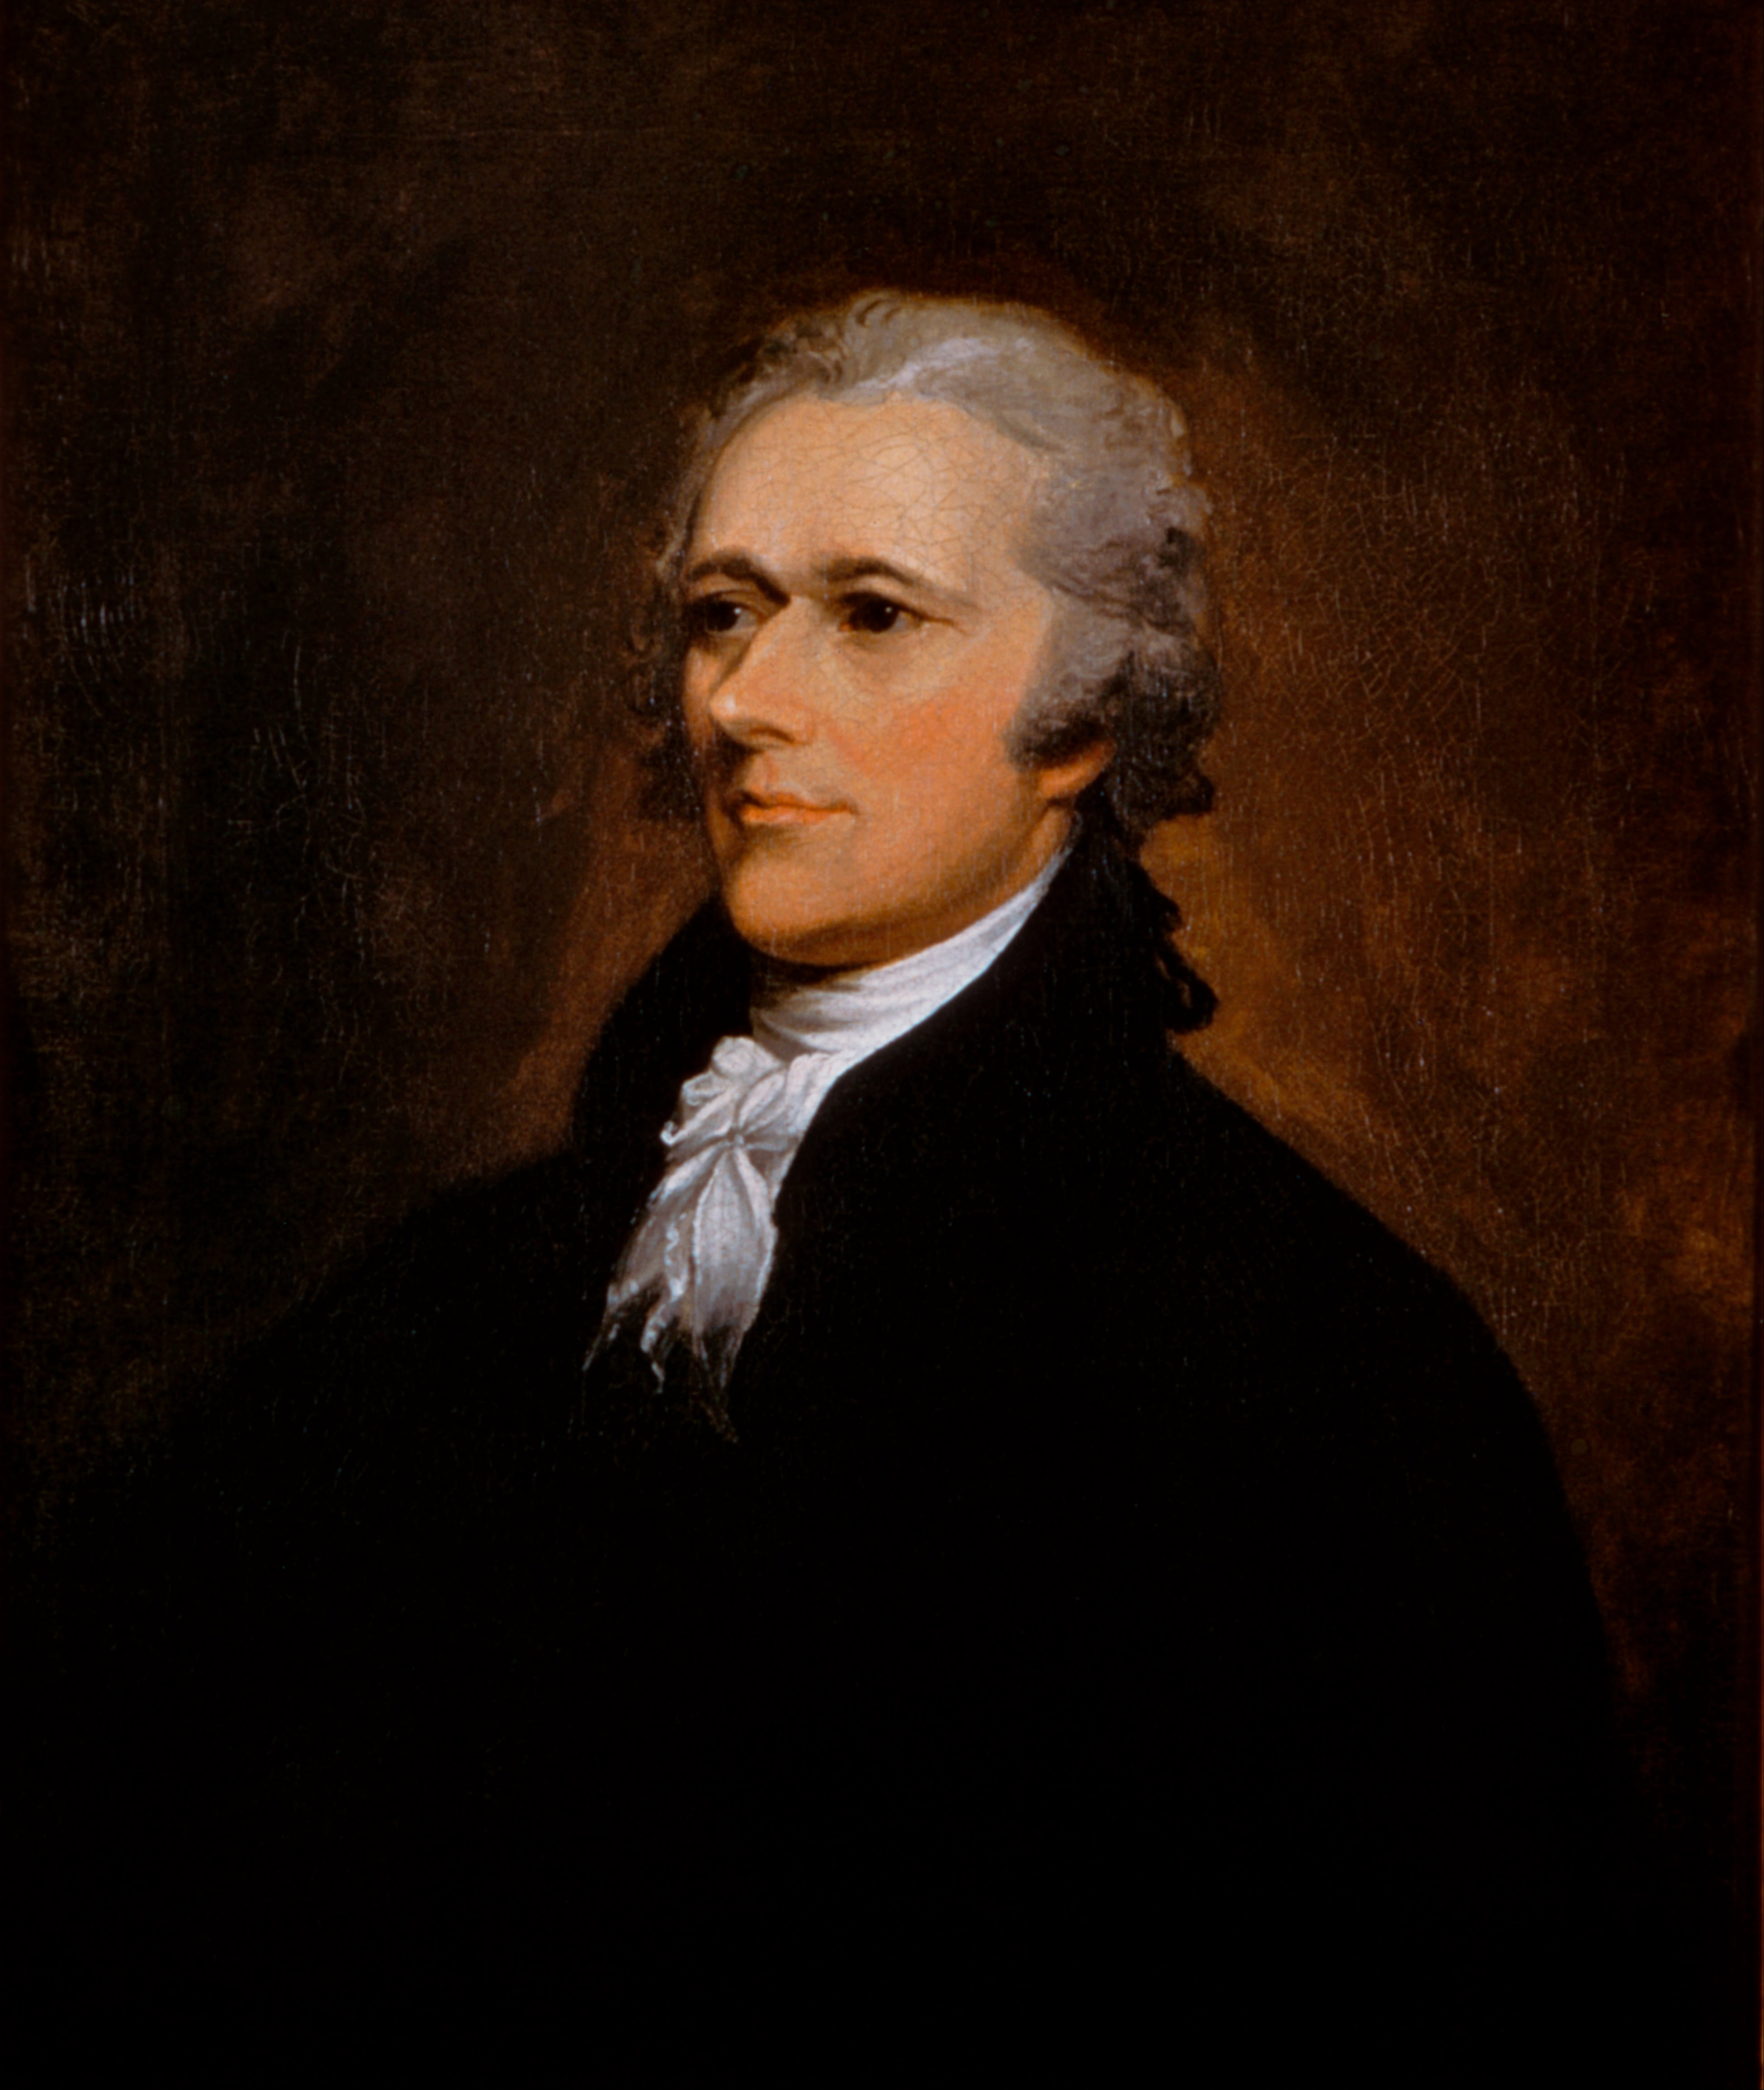 Veja o que saiu no Migalhas sobre Alexander Hamilton